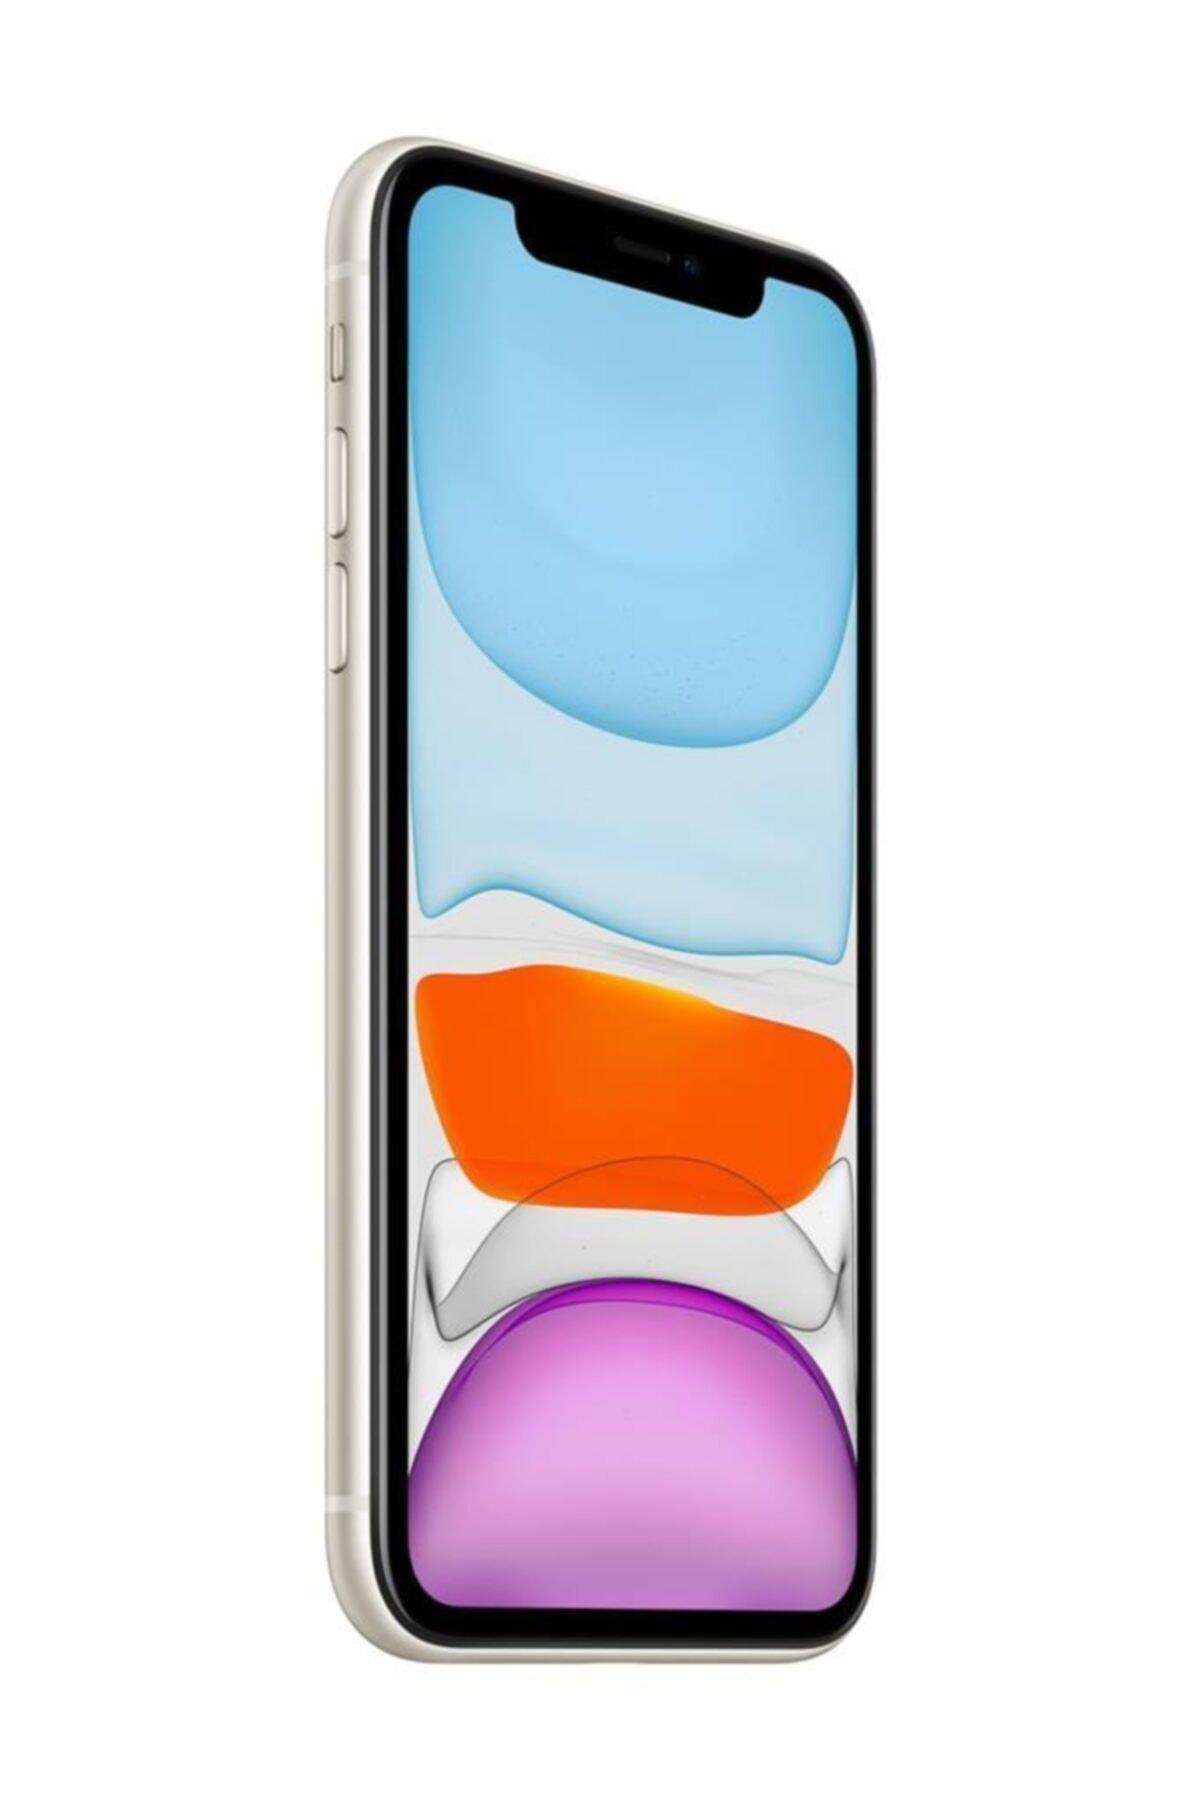 Apple iPhone 11 128GB Beyaz Cep Telefonu (Apple Türkiye Garantili) Aksesuarlı Kutu 2